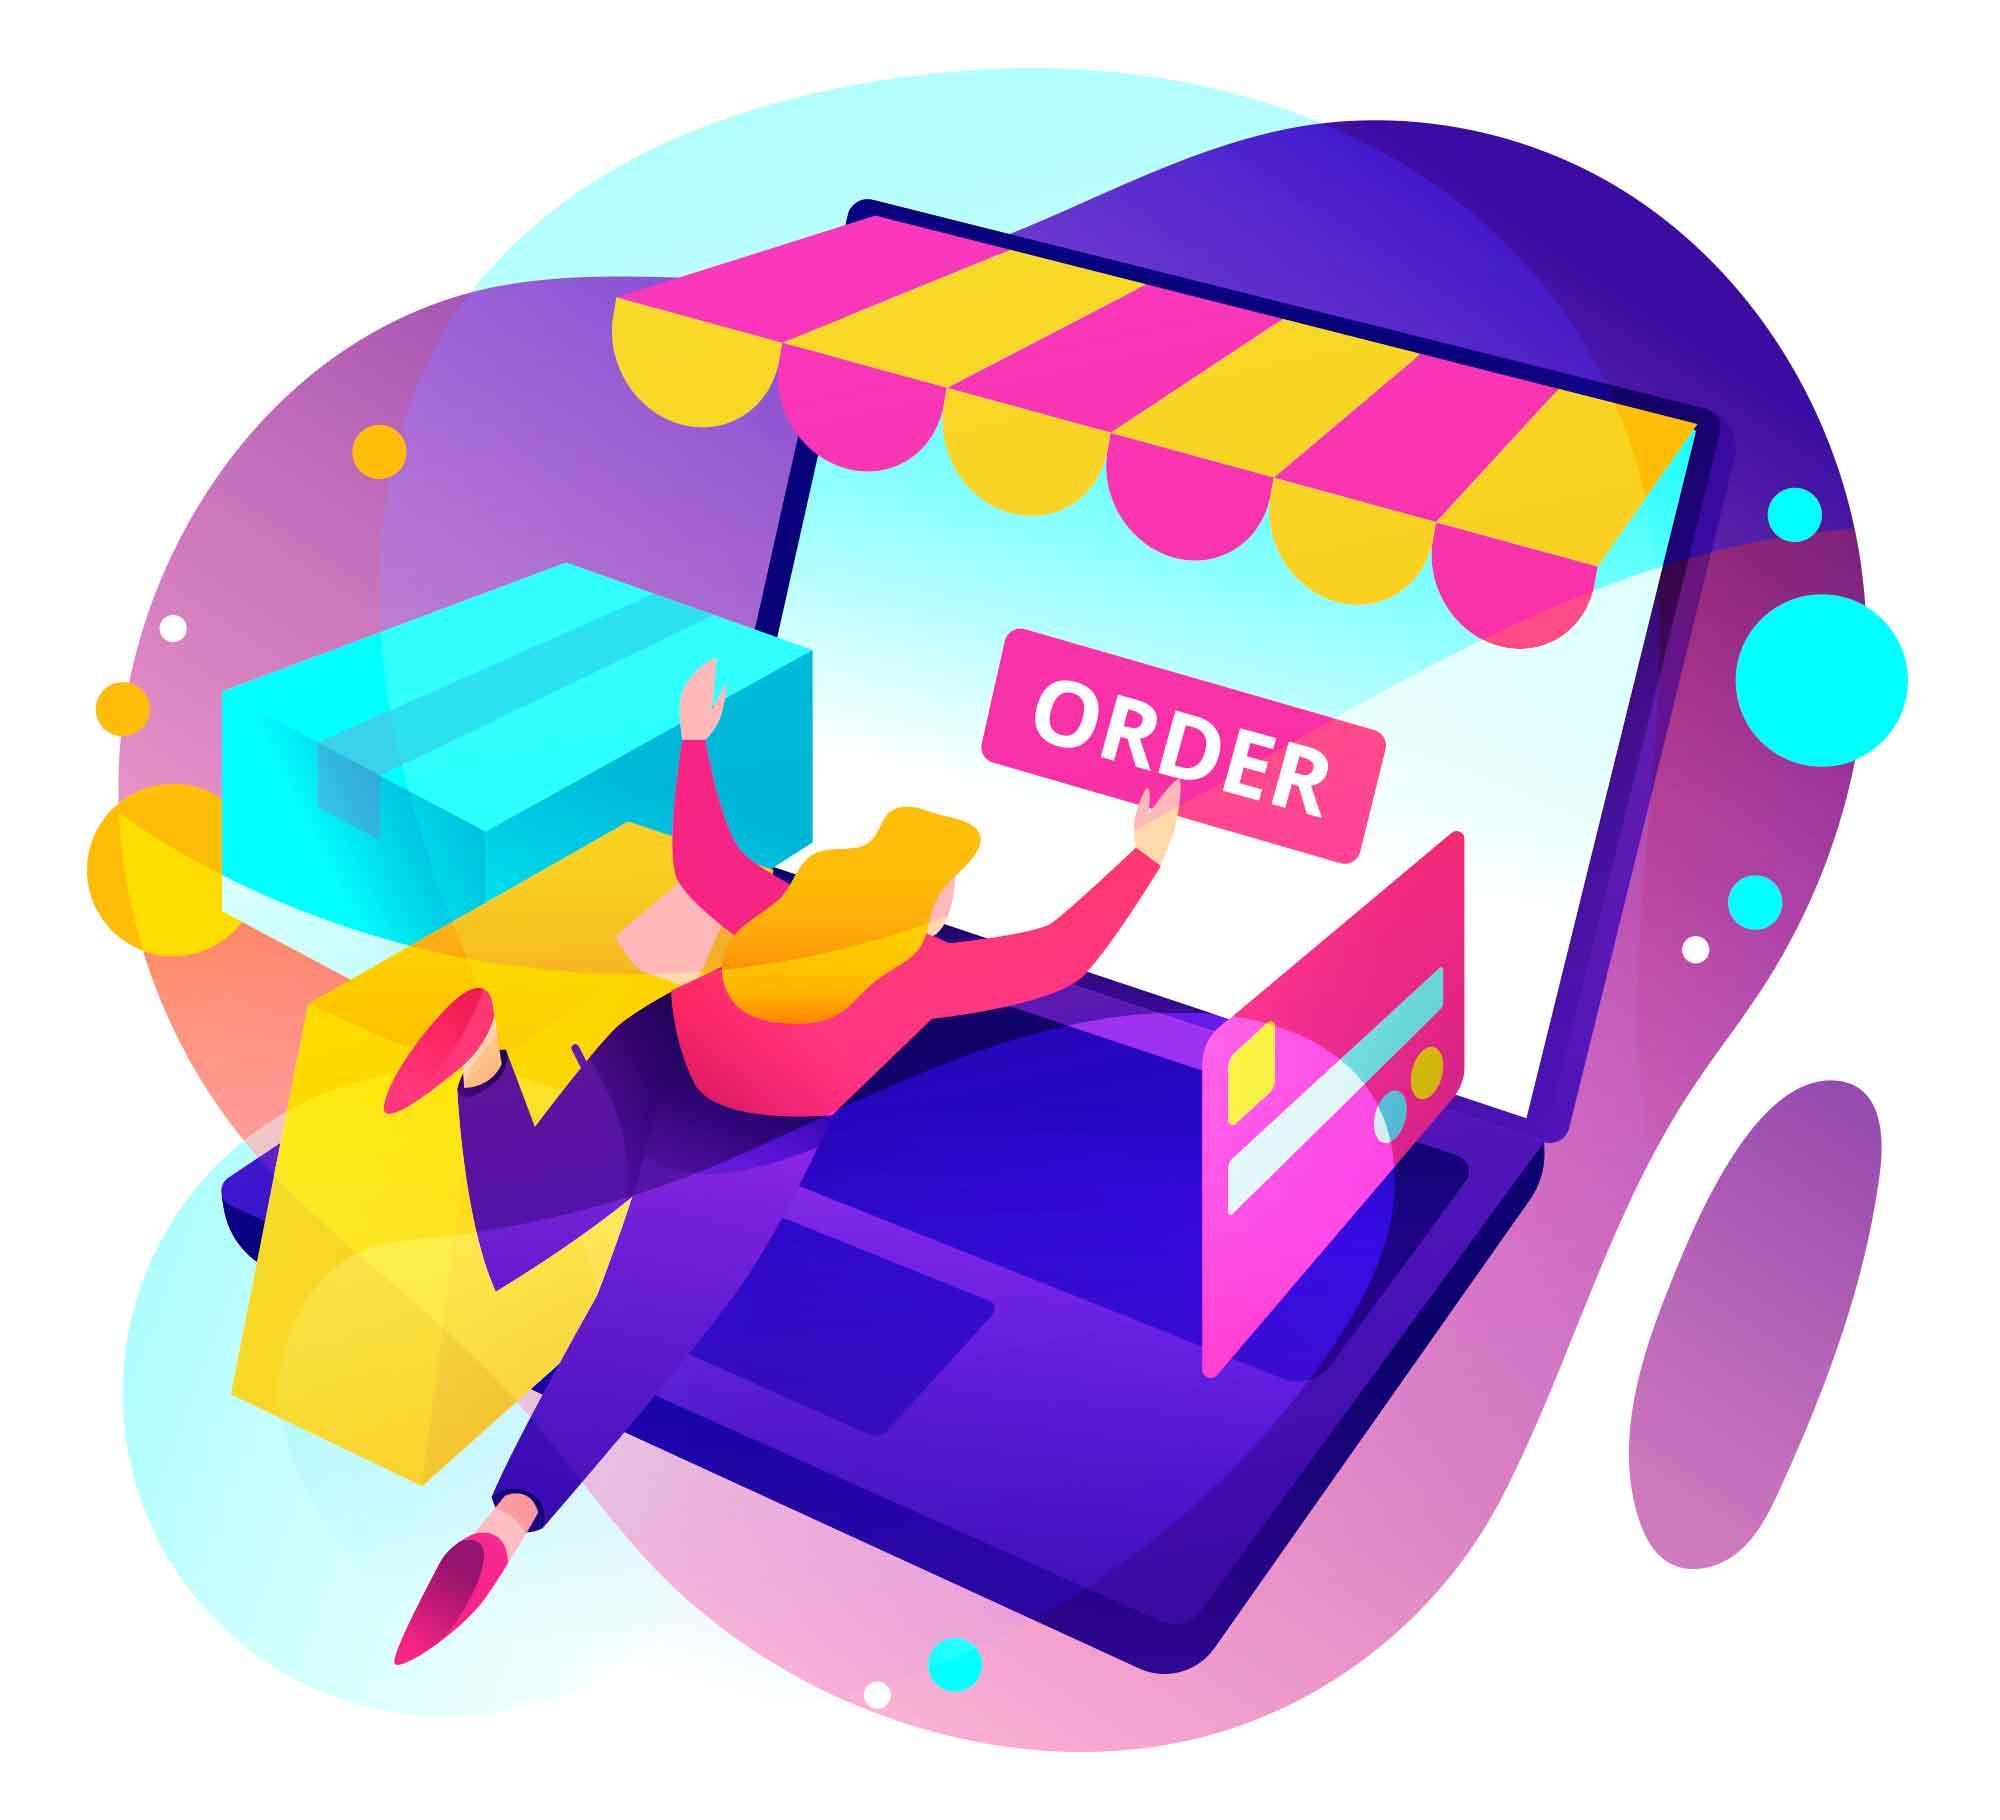 Online Order Illustration